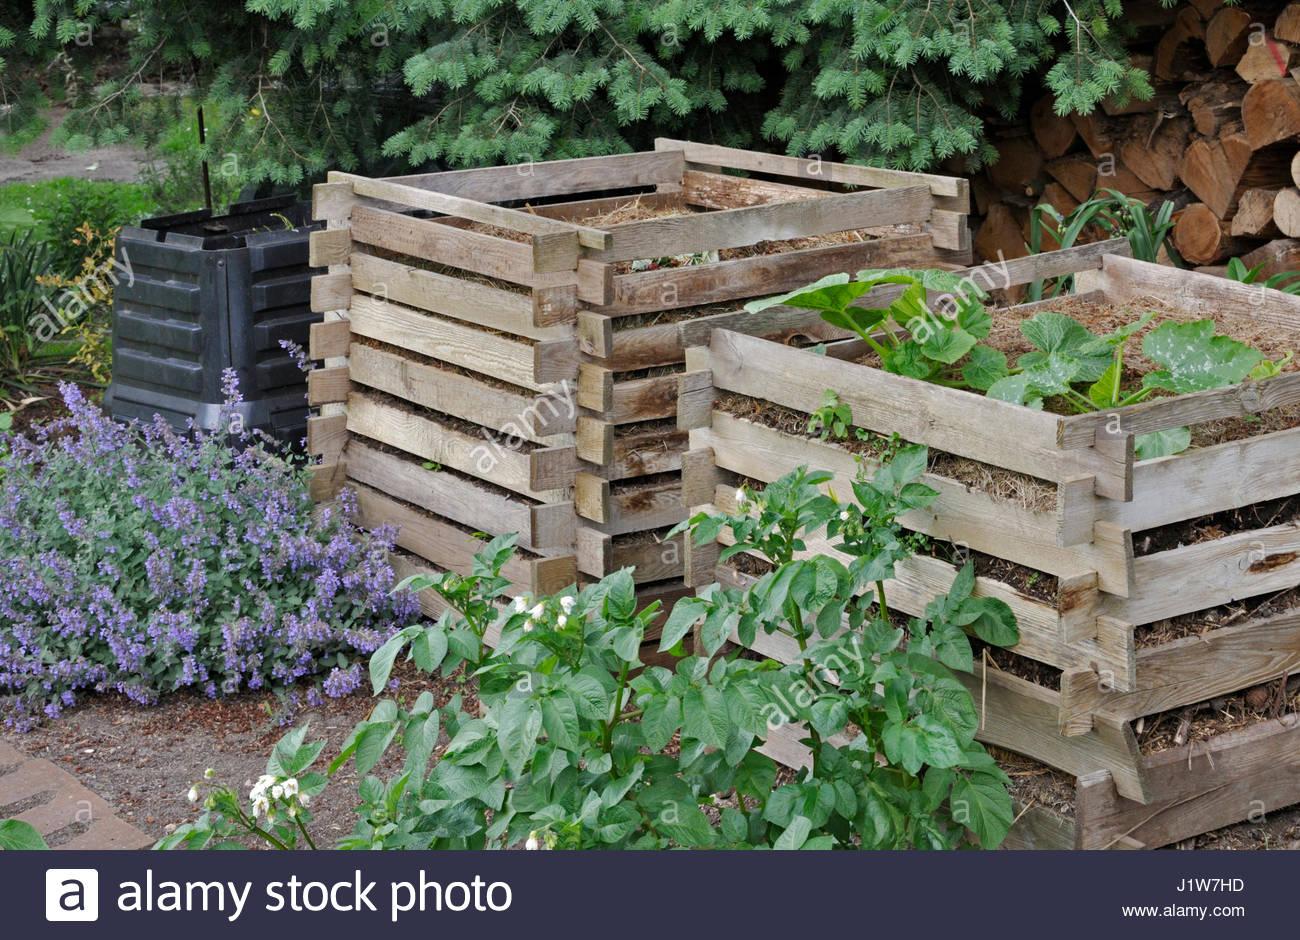 wooden compost bin stock photos u0026 wooden compost bin stock images